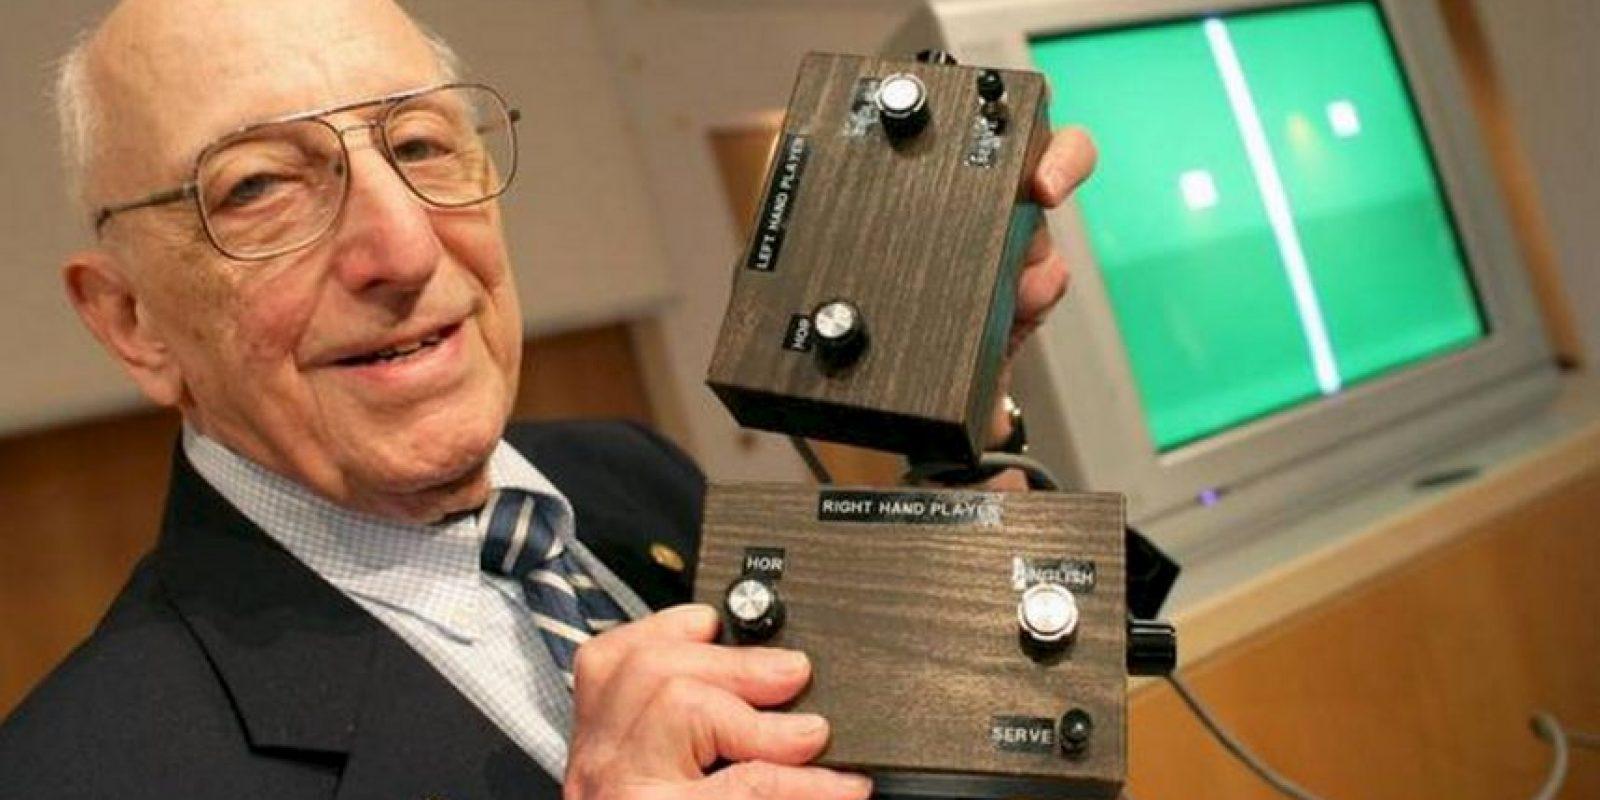 """Ralph Baer, el ingeniero conocido popularmente como el """"Padre de los videojuegos"""", falleció en su casa de la ciudad de Manchester el 6 de diciembre del año pasado Foto:Wikicommons"""